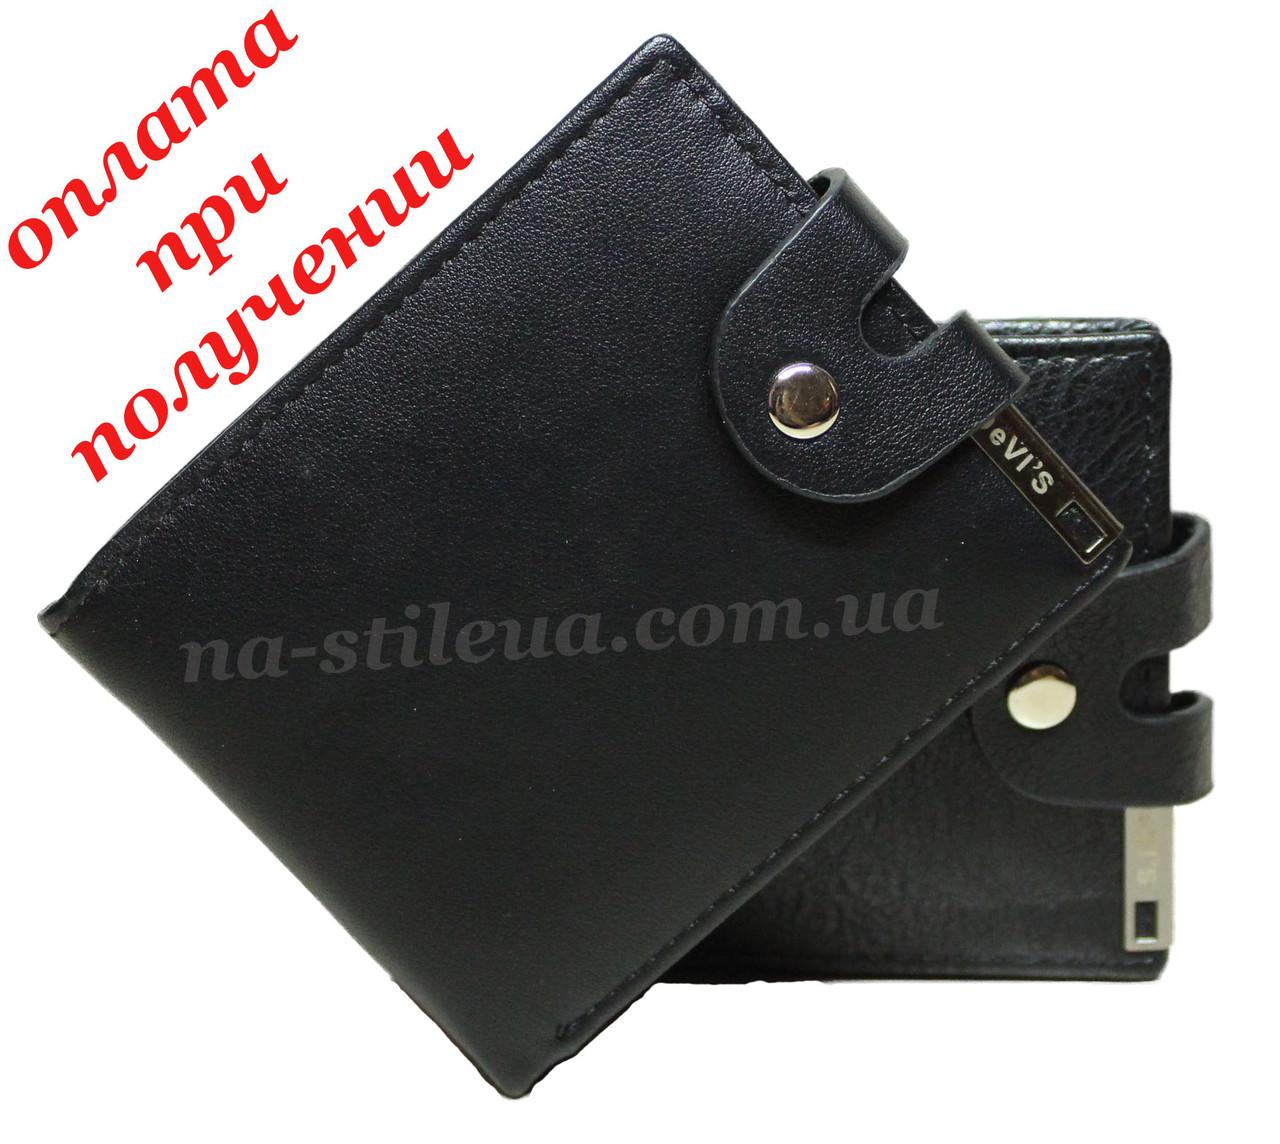 Мужской кожаный шкіряний кошелек портмоне гаманець бумажник DeVis